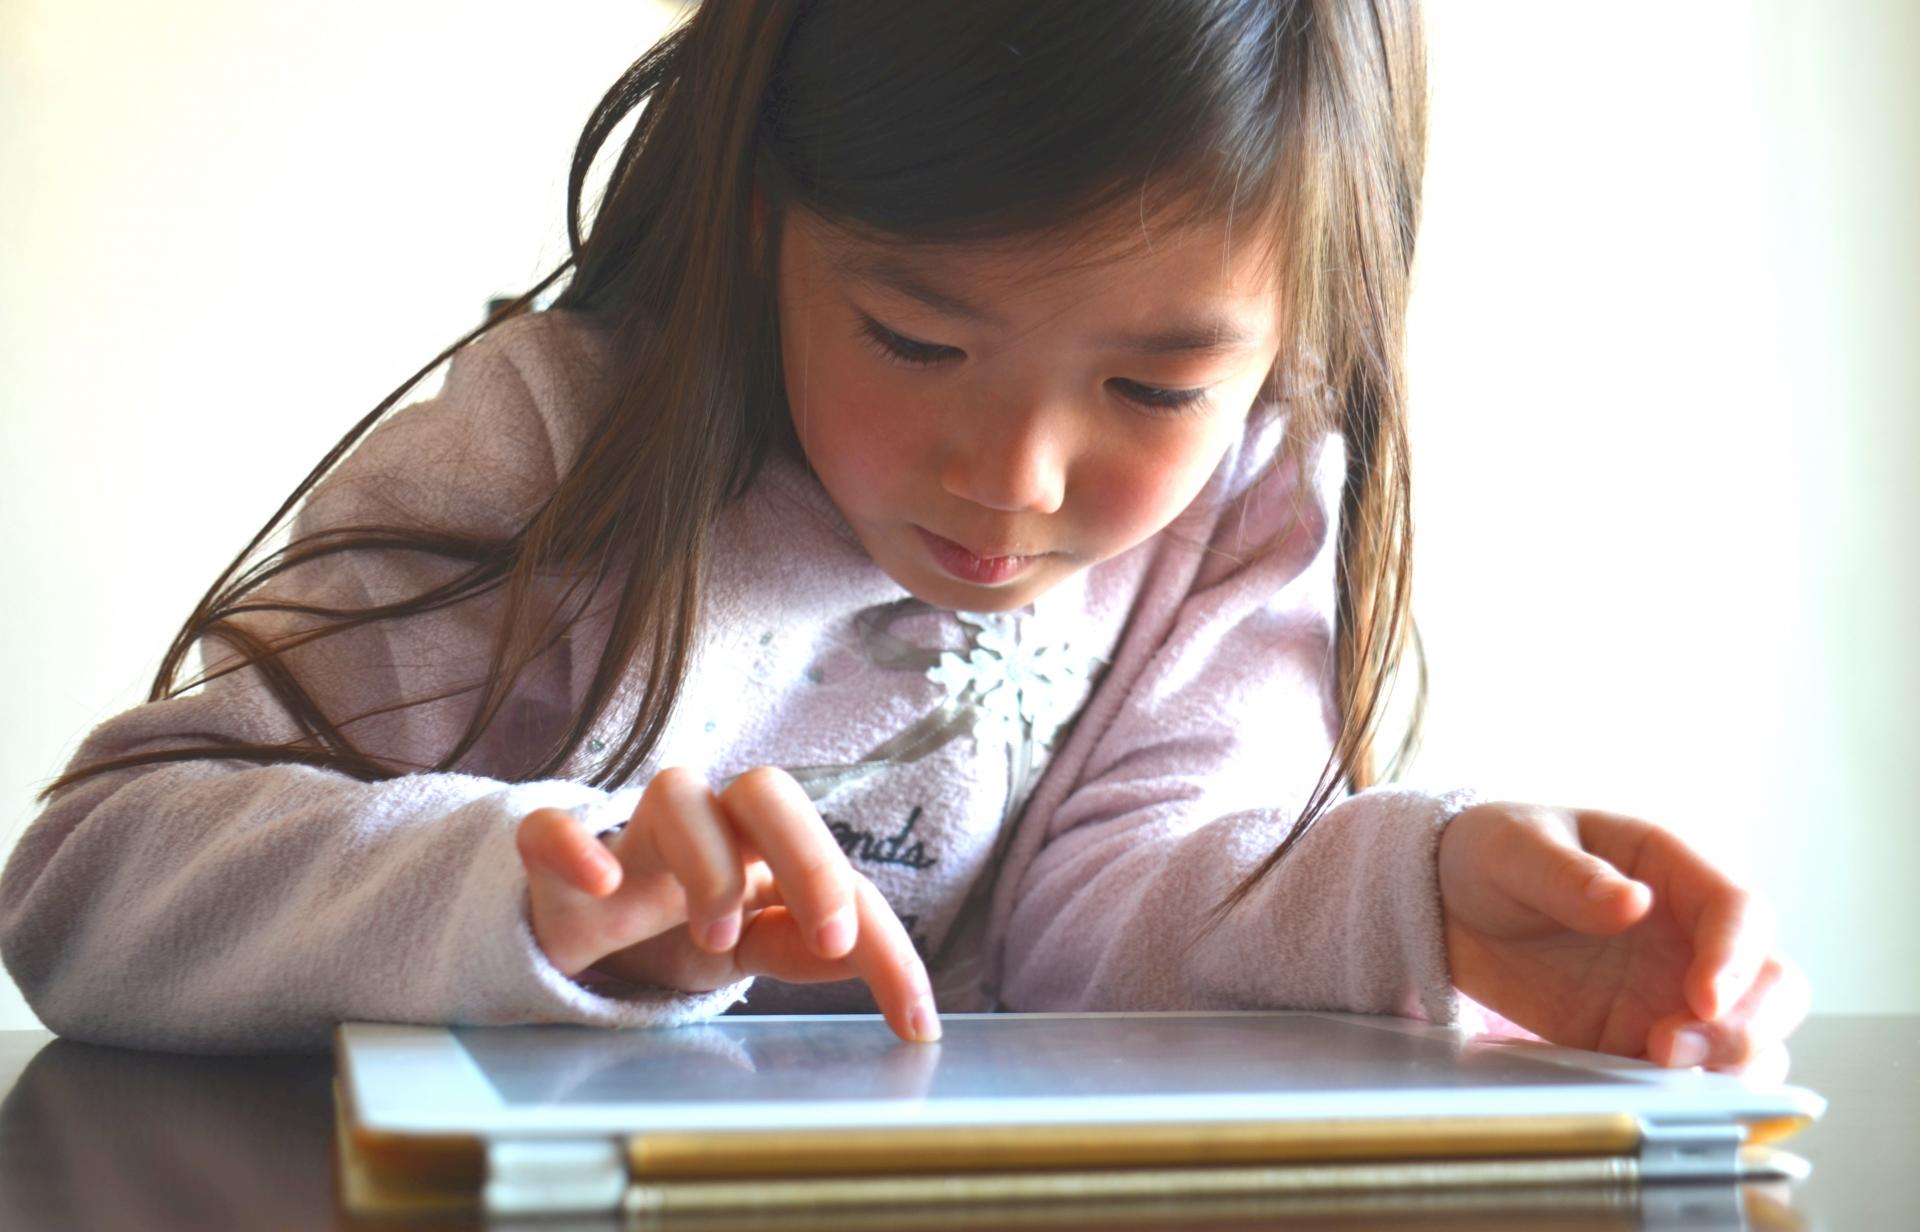 プログラミング教育の不安解消 即導入できる学習用ソフトウェア